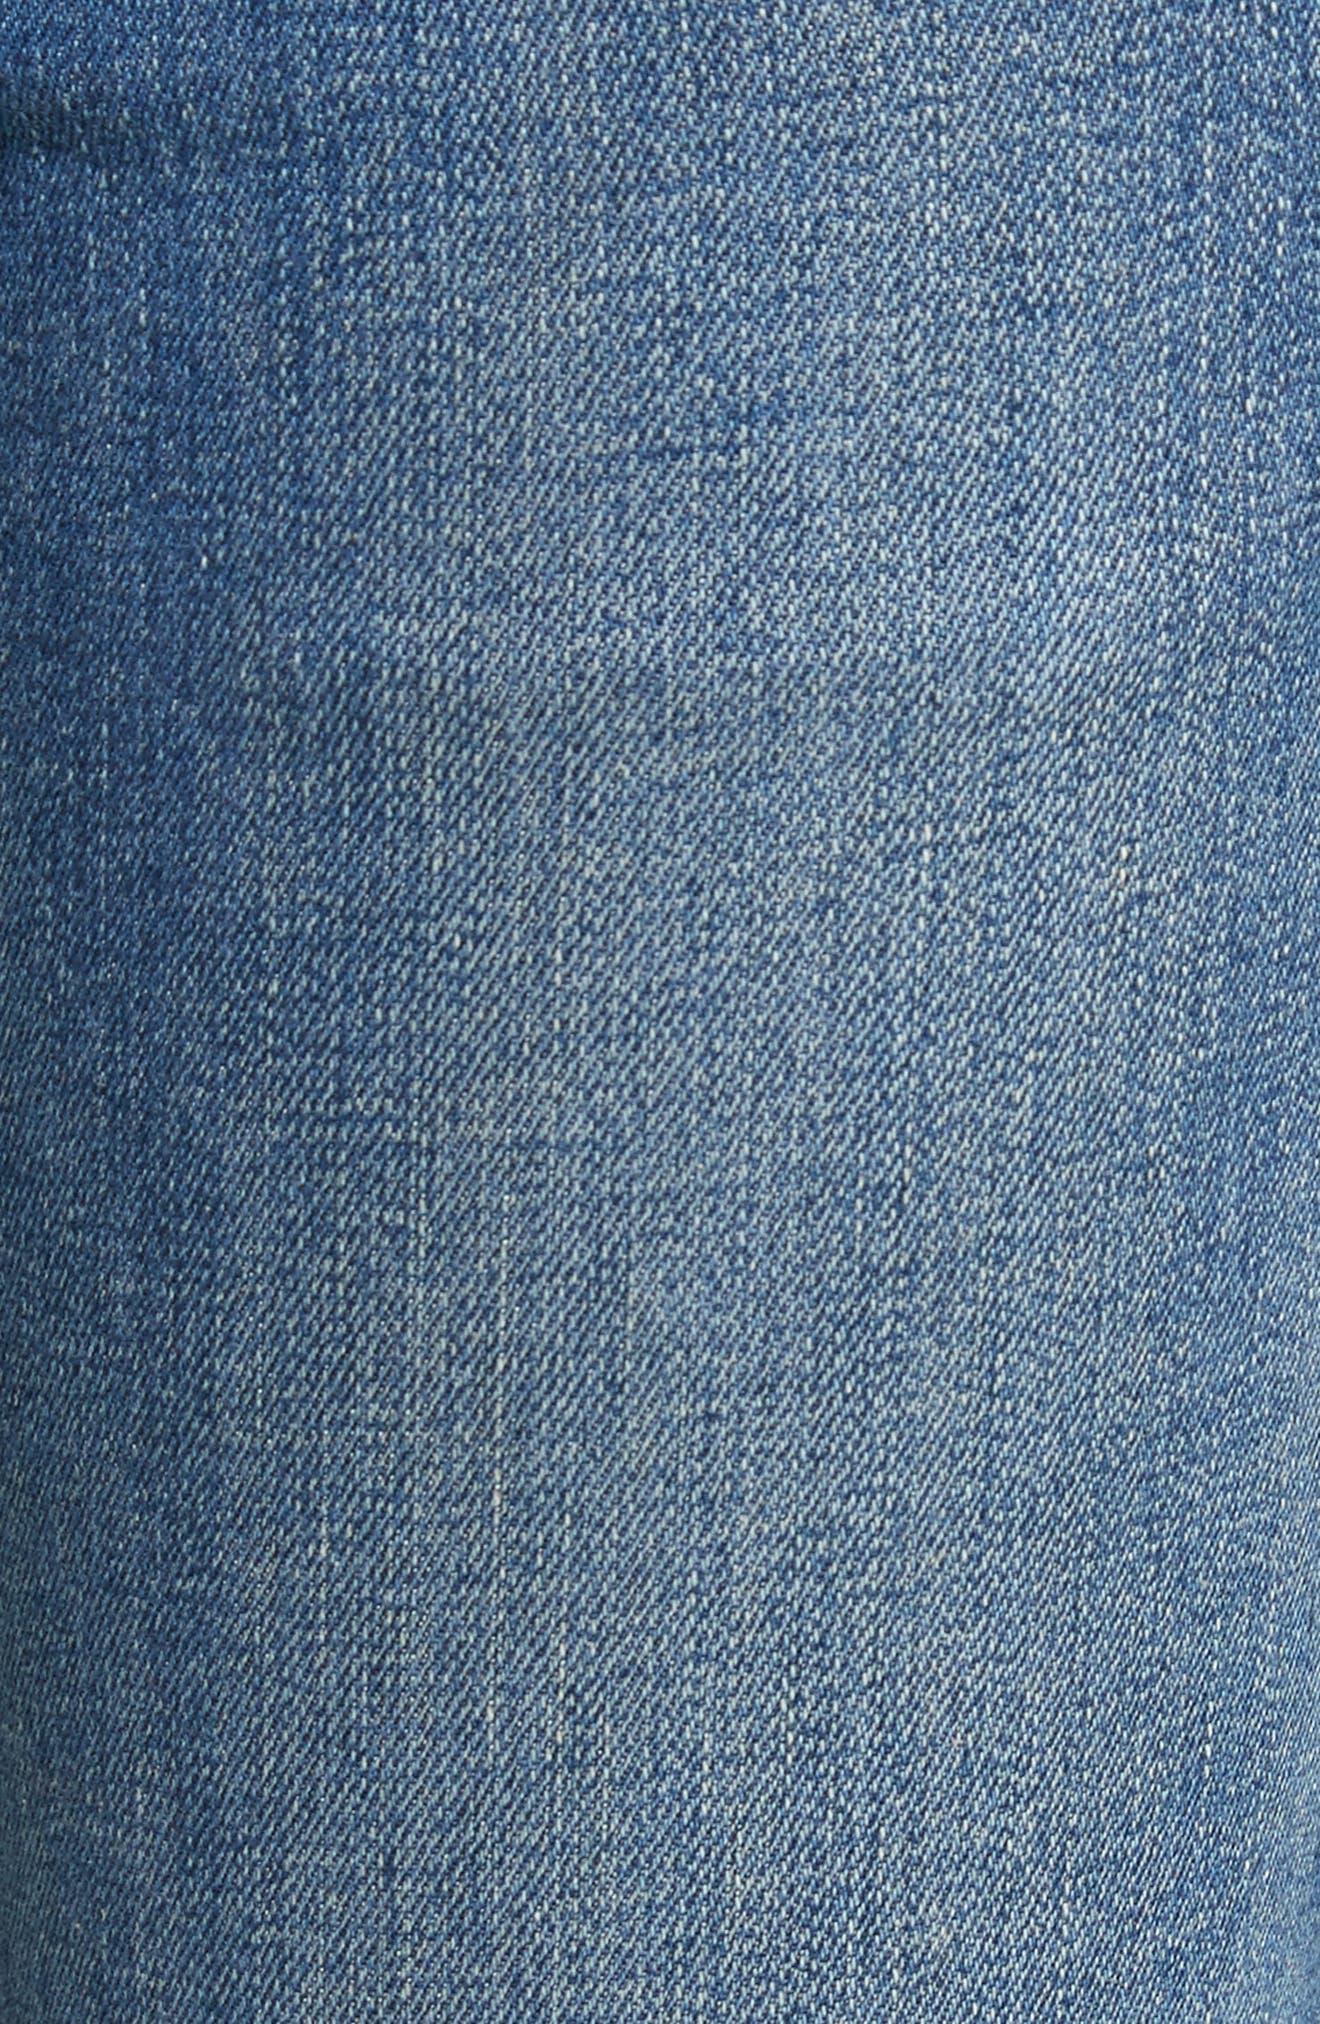 Alternate Image 5  - Tu es mon TRÉSOR Grosgrain Bow Embellished Jeans